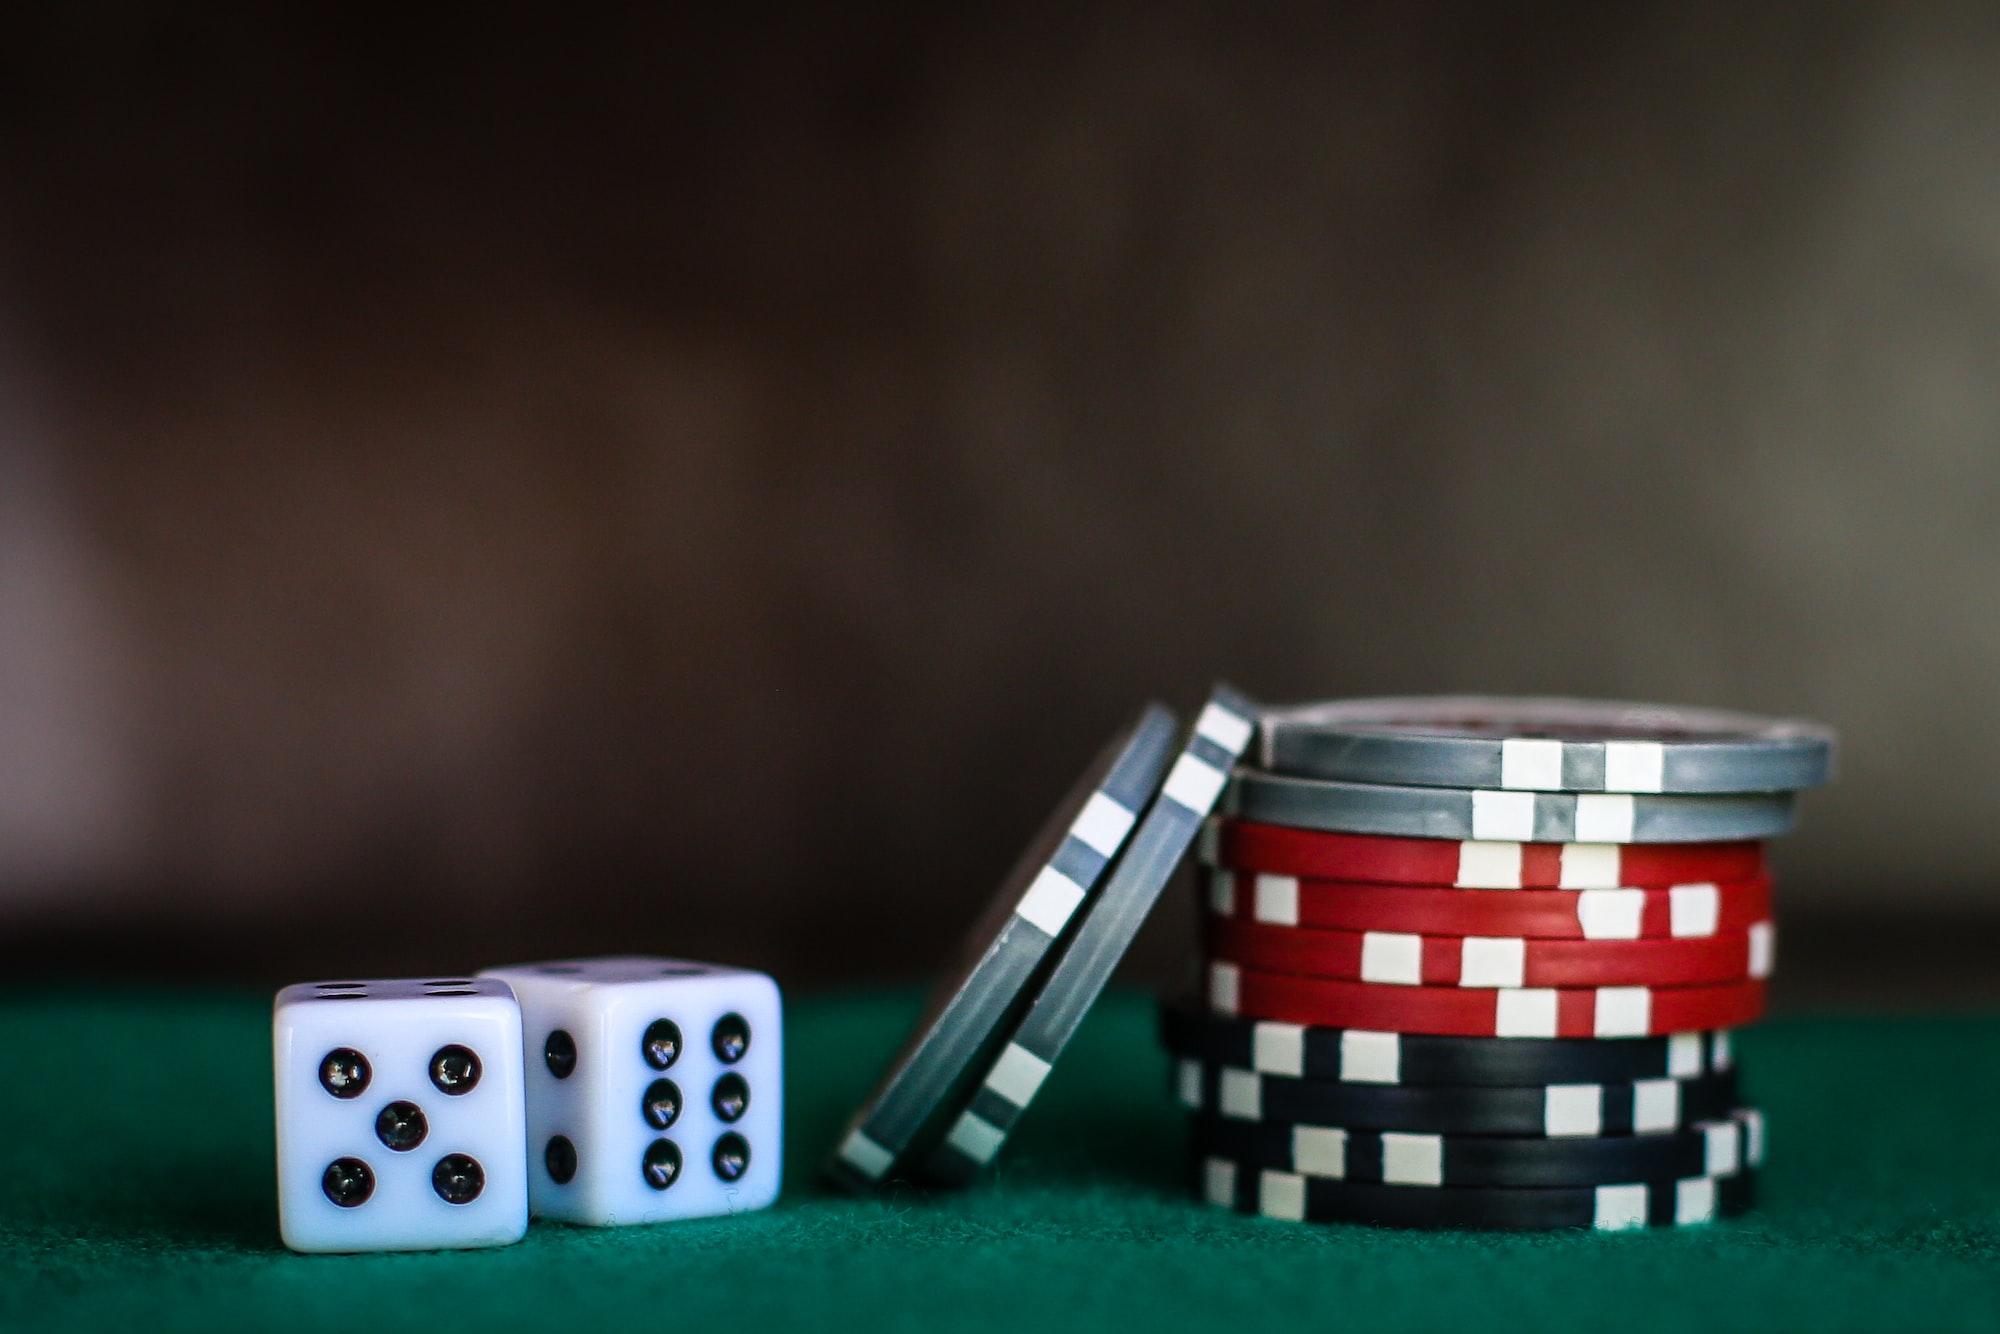 Estrazioni Lotto, Superenalotto e 10eLotto 04/05/21: i numeri vincenti